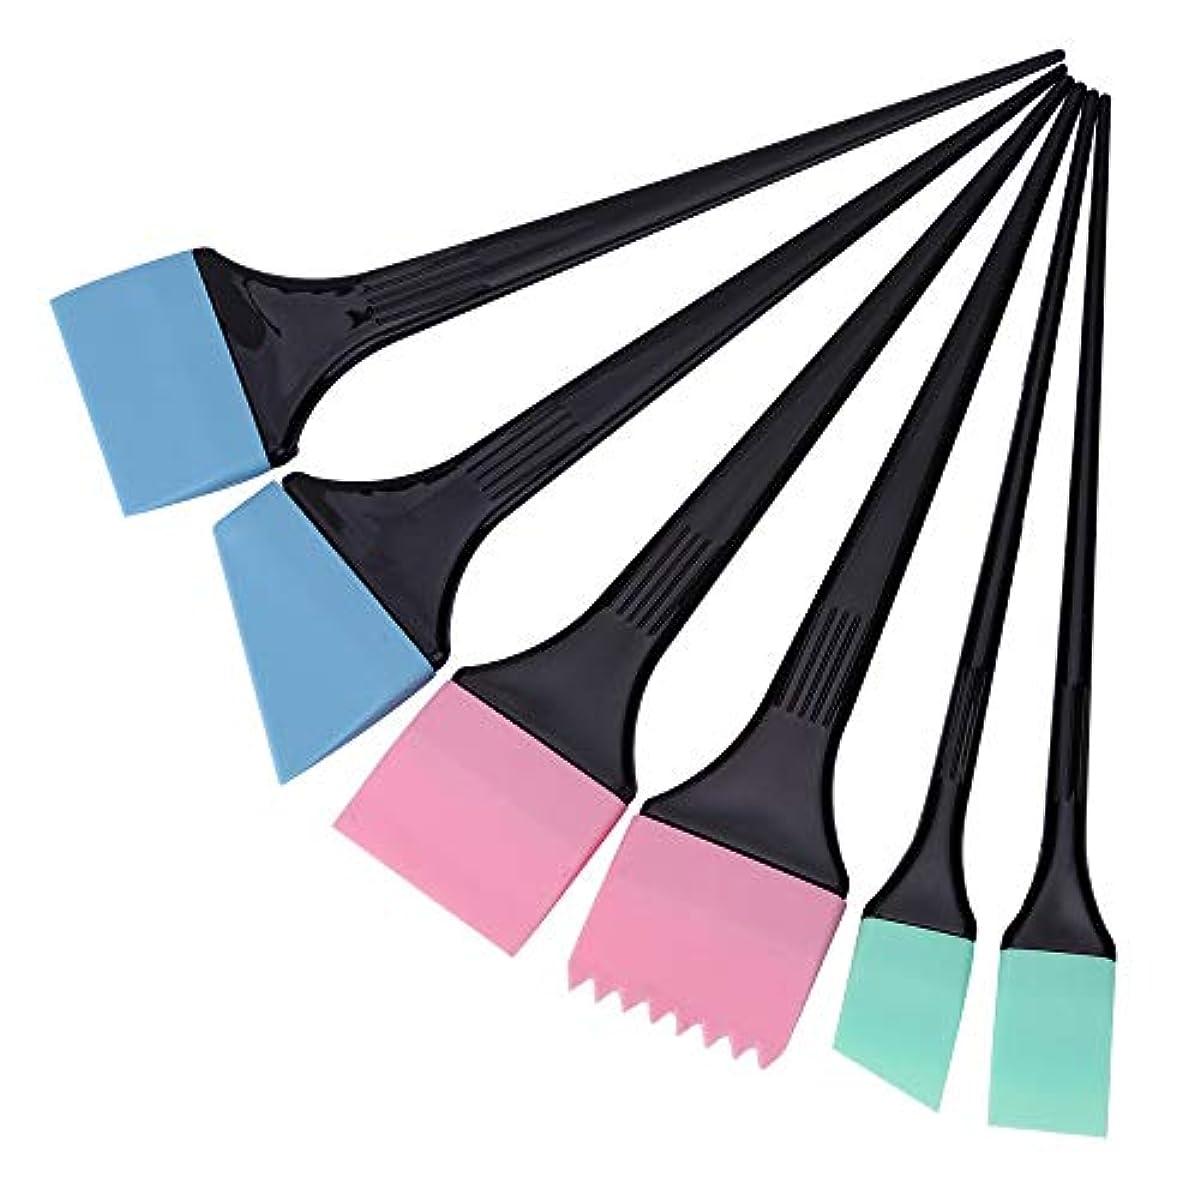 両方非互換アレルギーヘアダイコーム&ブラシ 毛染めブラシ 6本/セット 着色櫛キット プロサロン 理髪スタイリングツール へアカラーセット グリーン